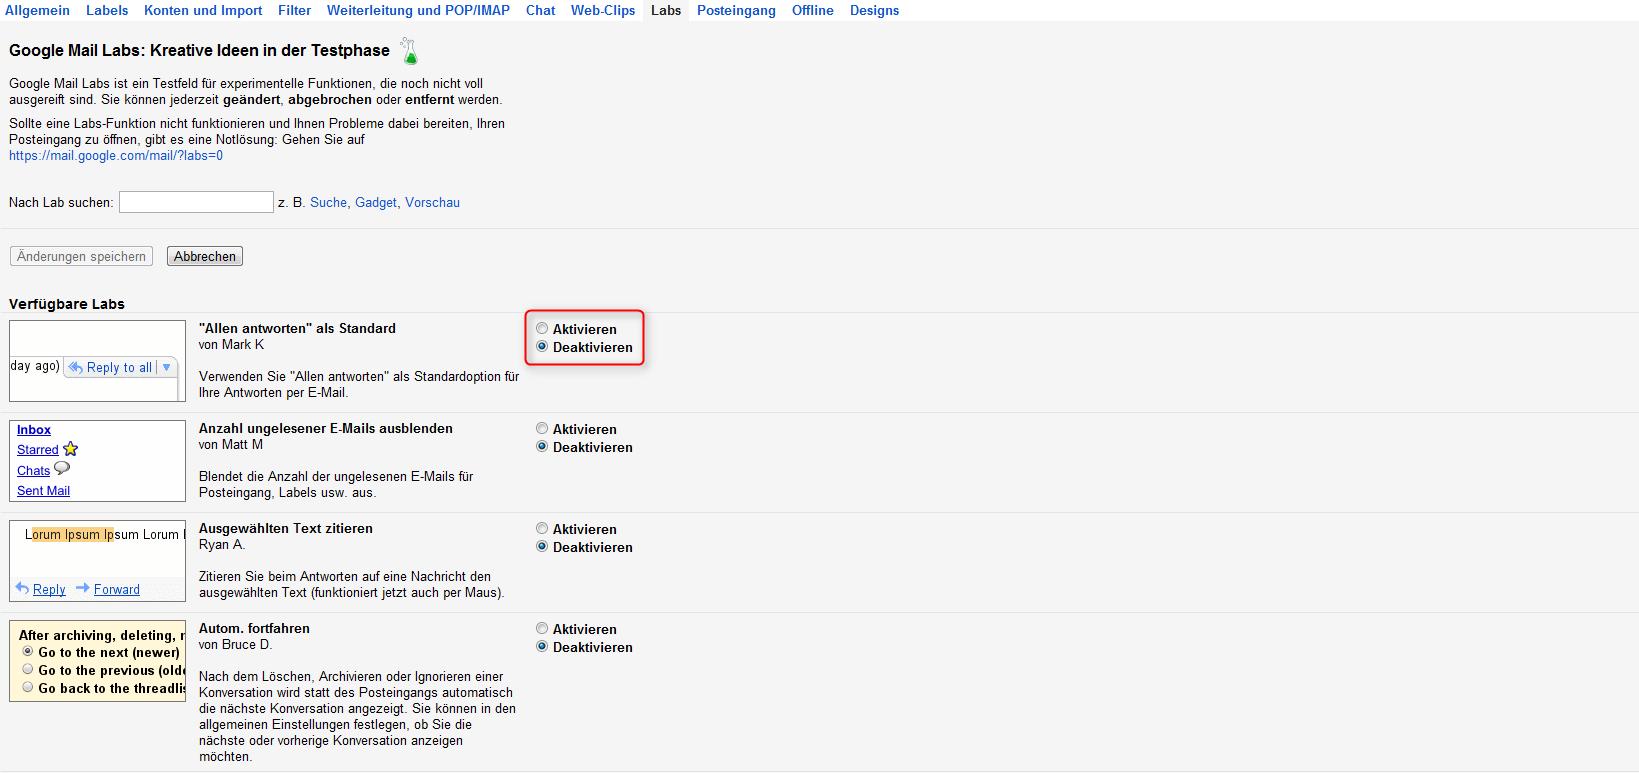 09-google-mail-alle-einstellungsmoeglichkeiten-labs-470.png?nocache=1326361804121